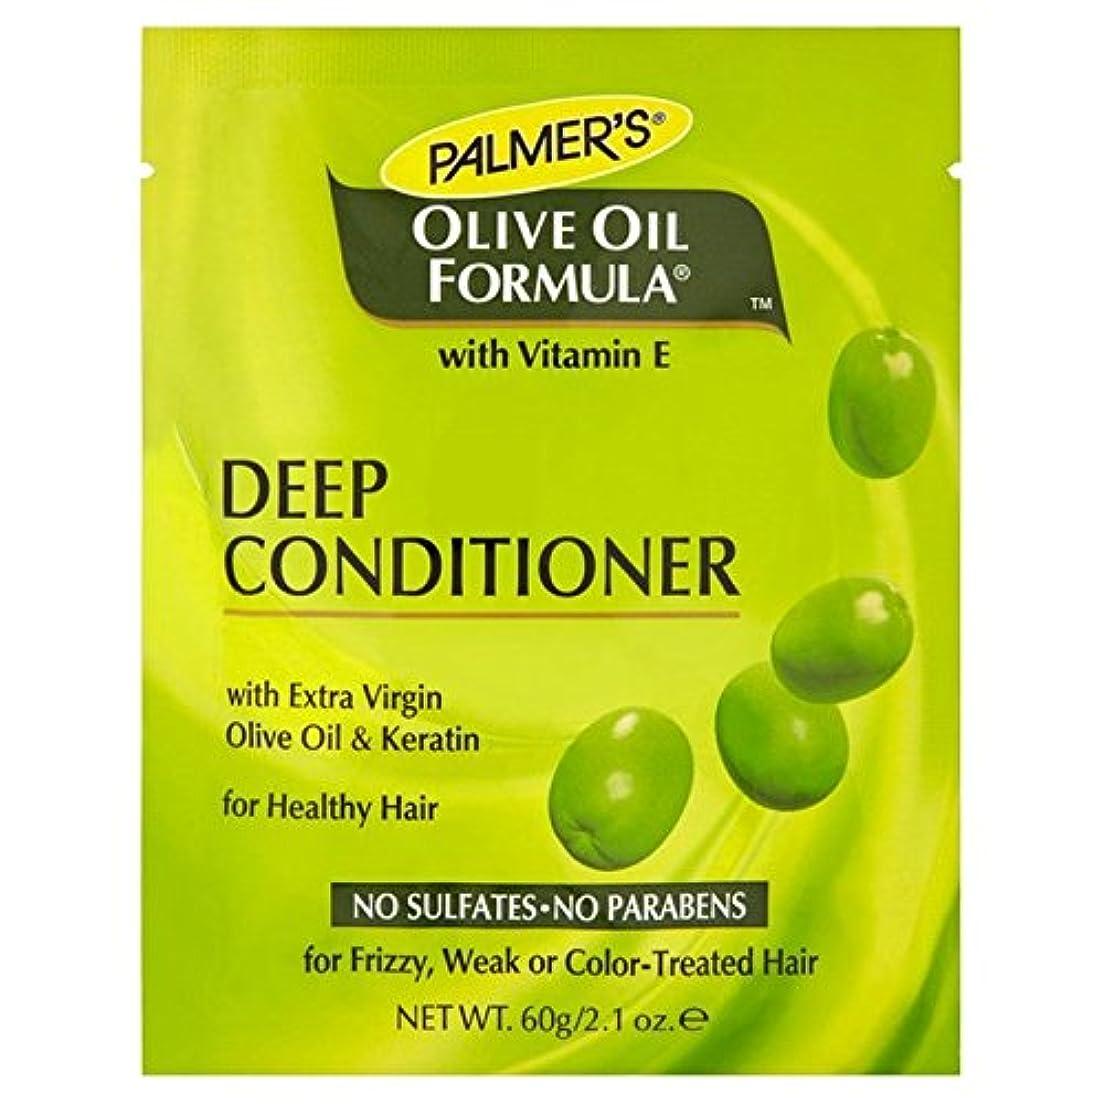 シードオンランデブーPalmer's Olive Oil Formula Deep Conditioner Protein Pack 60g - パーマーのオリーブオイル式深いコンディショナータンパク質パック60グラム [並行輸入品]